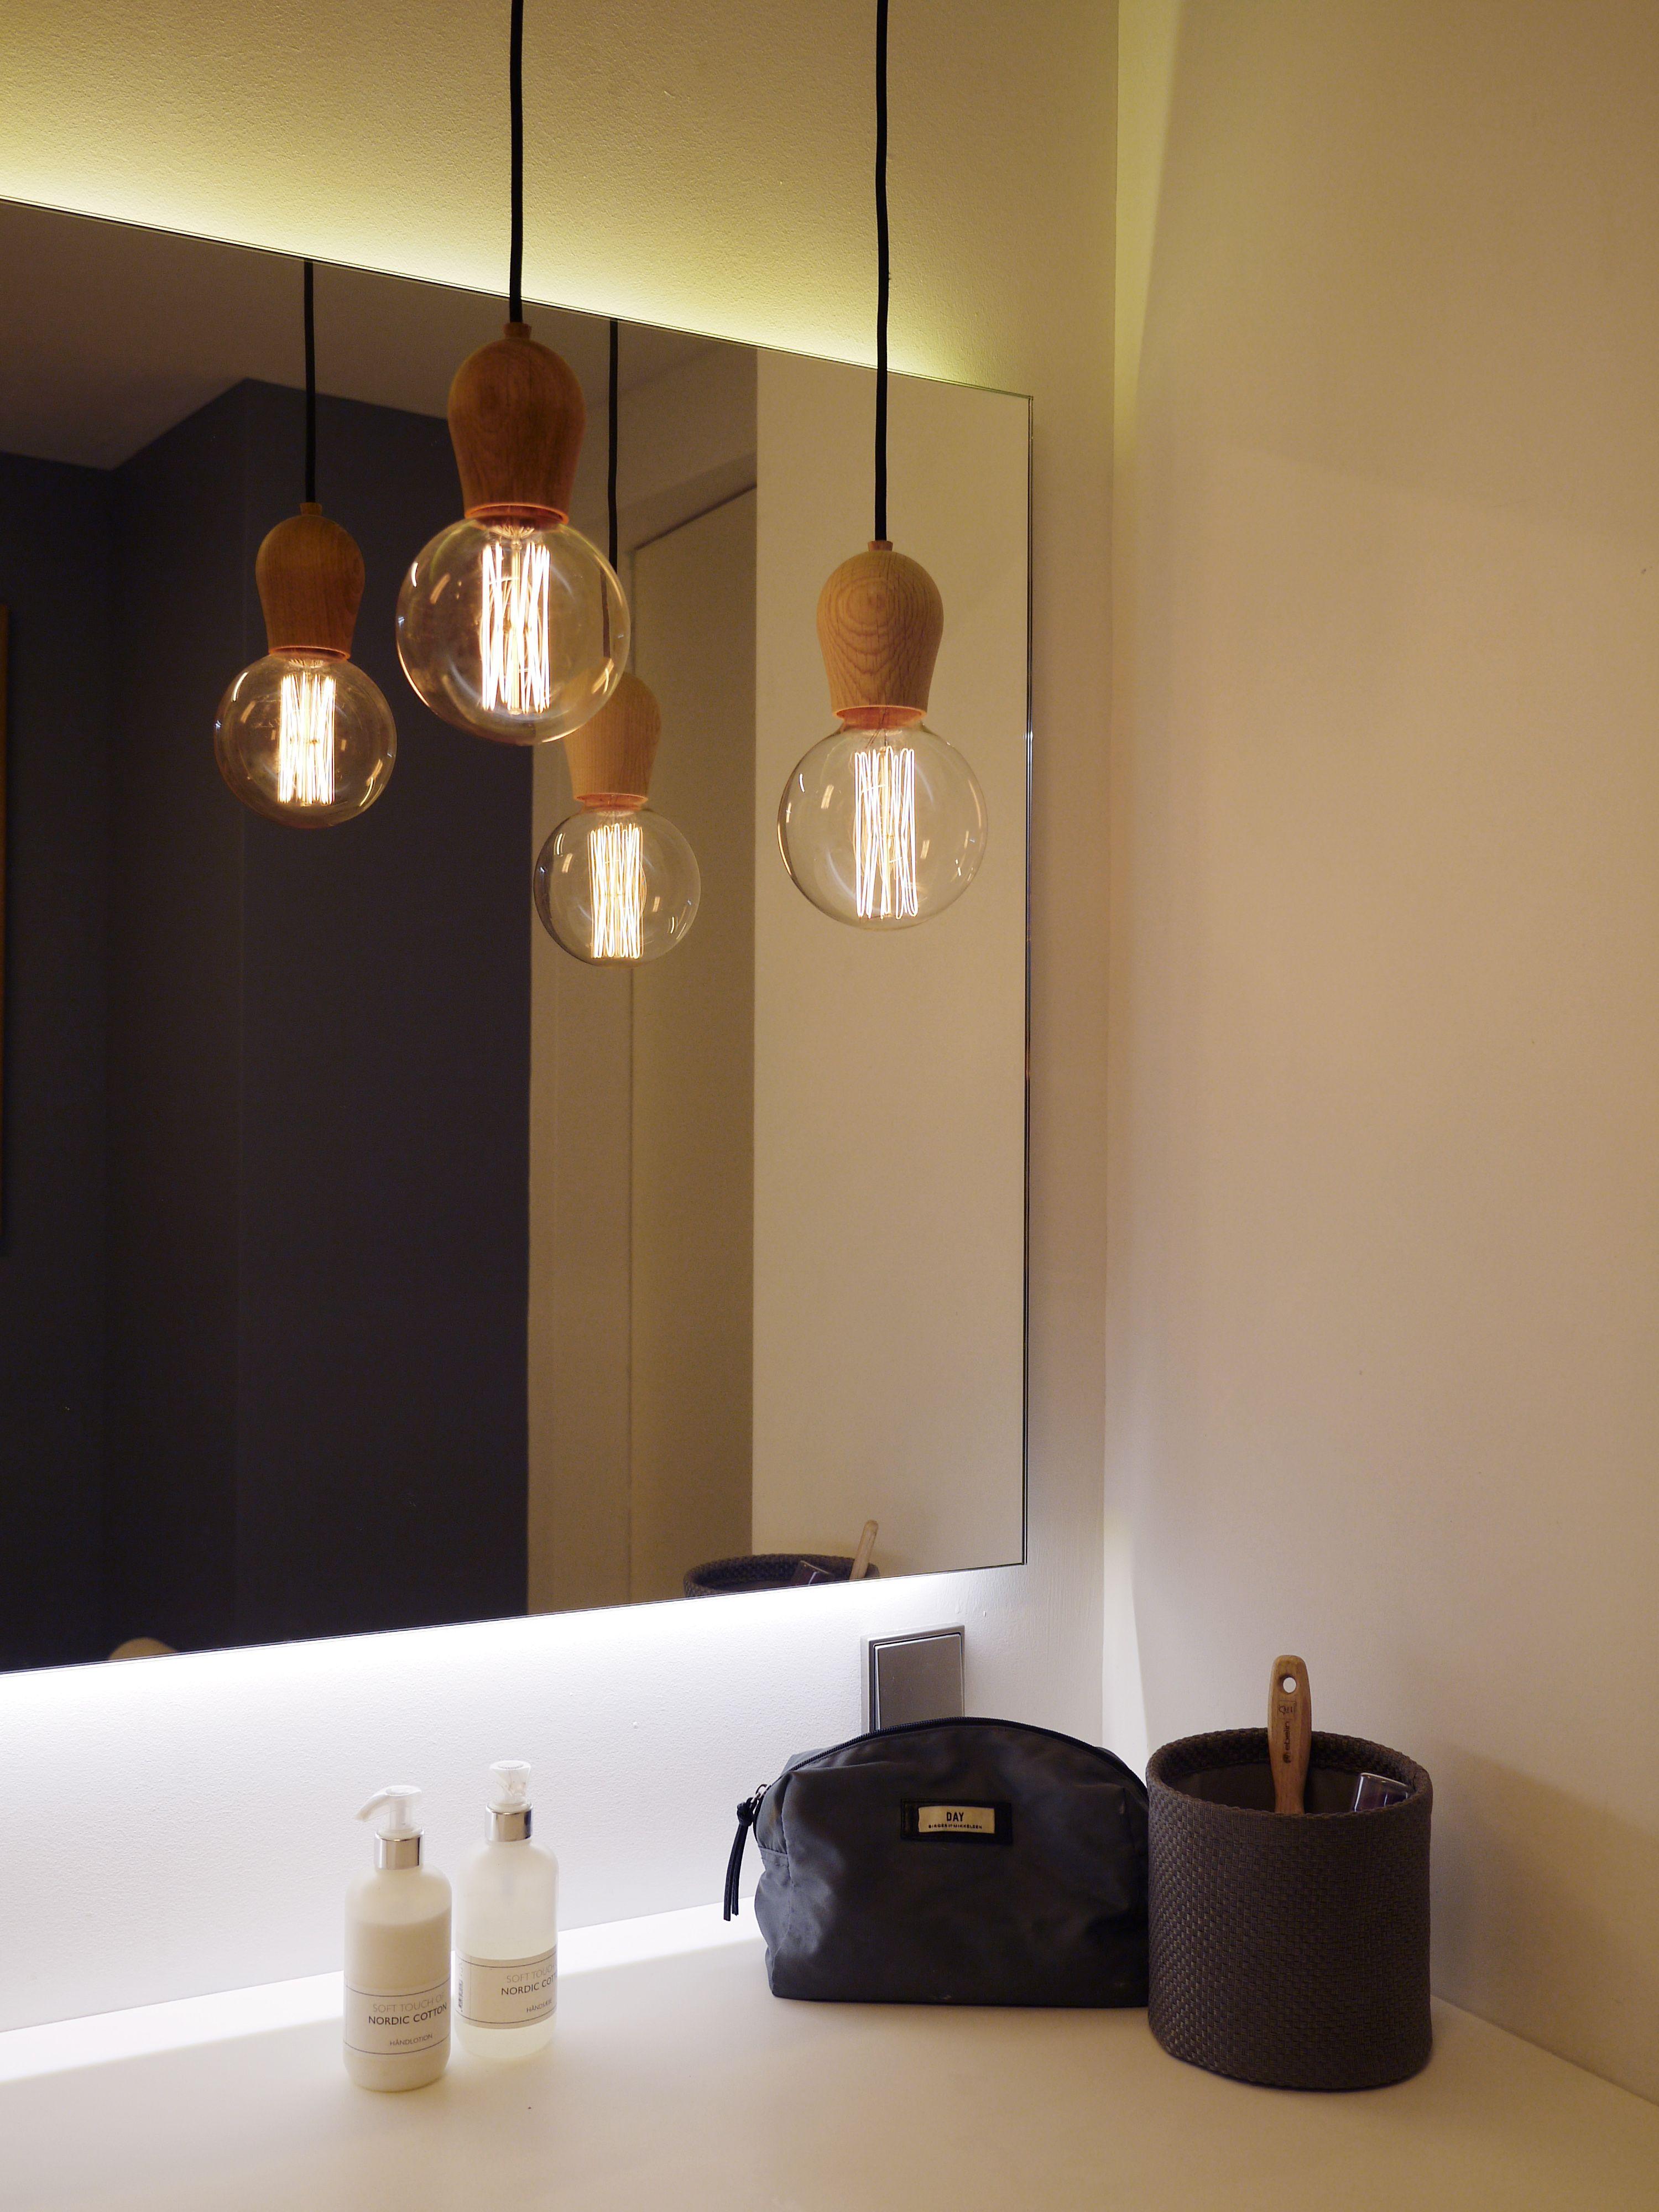 ff805acdb8d1bffb8452f985d6e341ce Faszinierend Was ist Eine Glühlampe Dekorationen